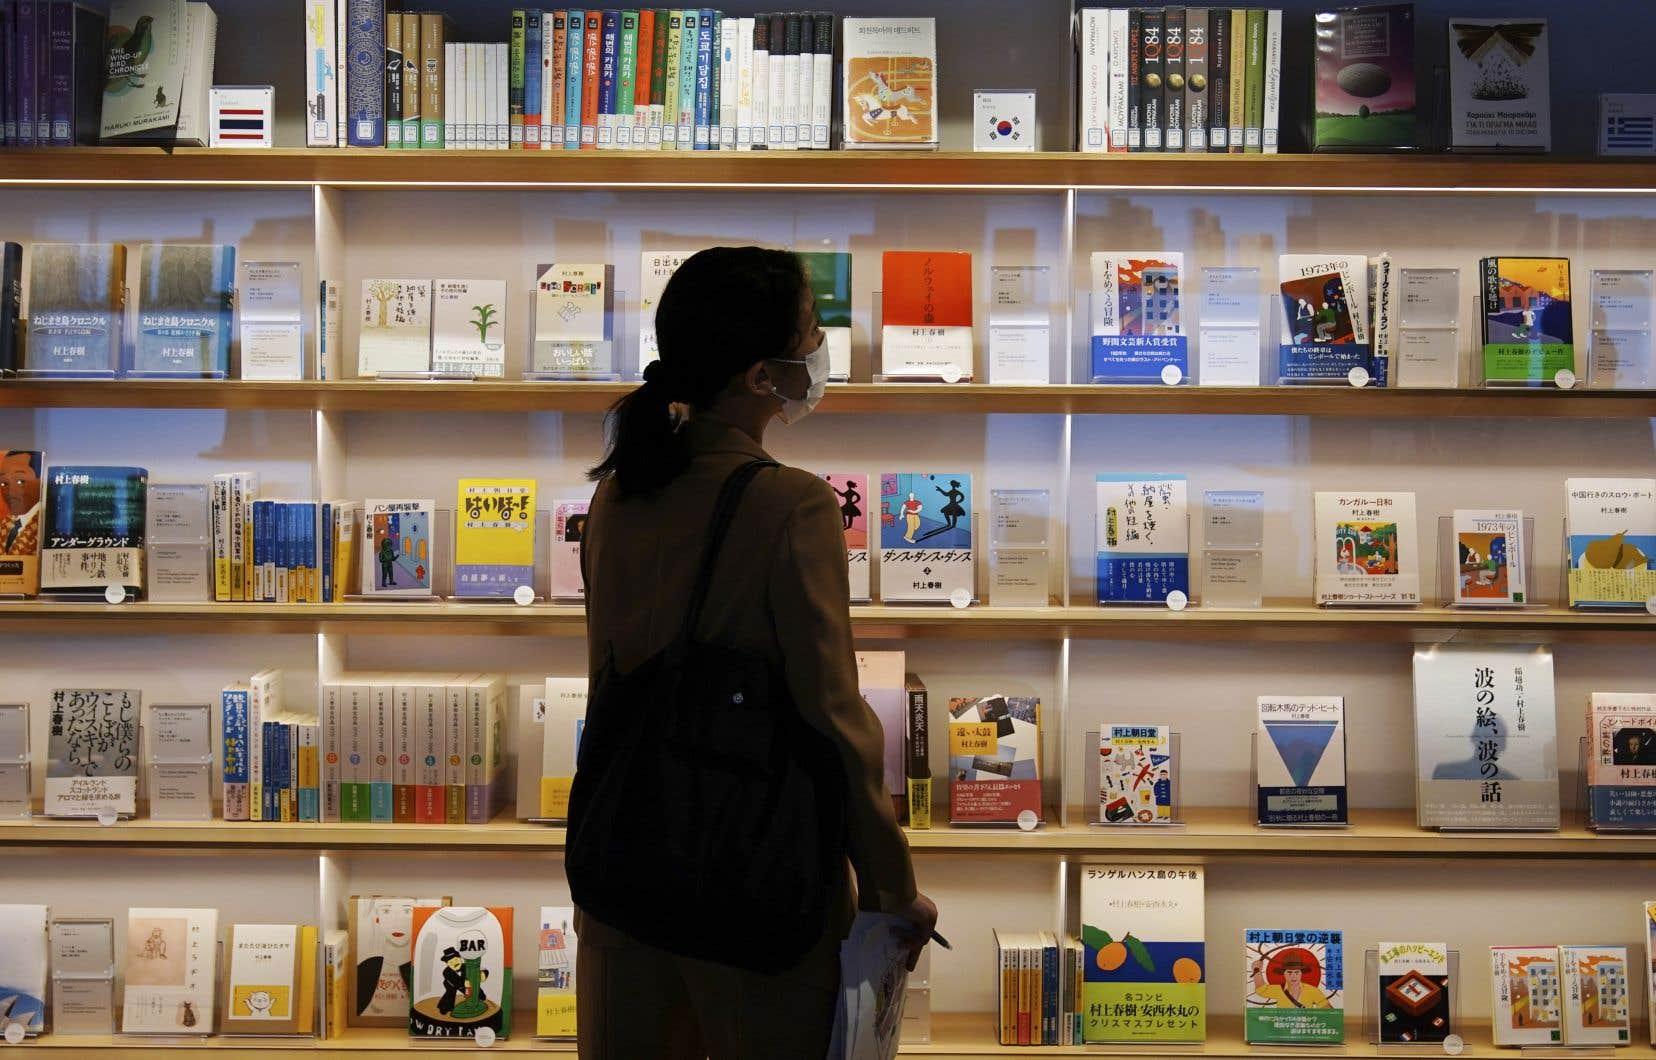 La Maison internationale de la littérature de l'Université Waseda, où Haruki Murakami a fait ses études, doit ouvrir au public le 1eroctobre.